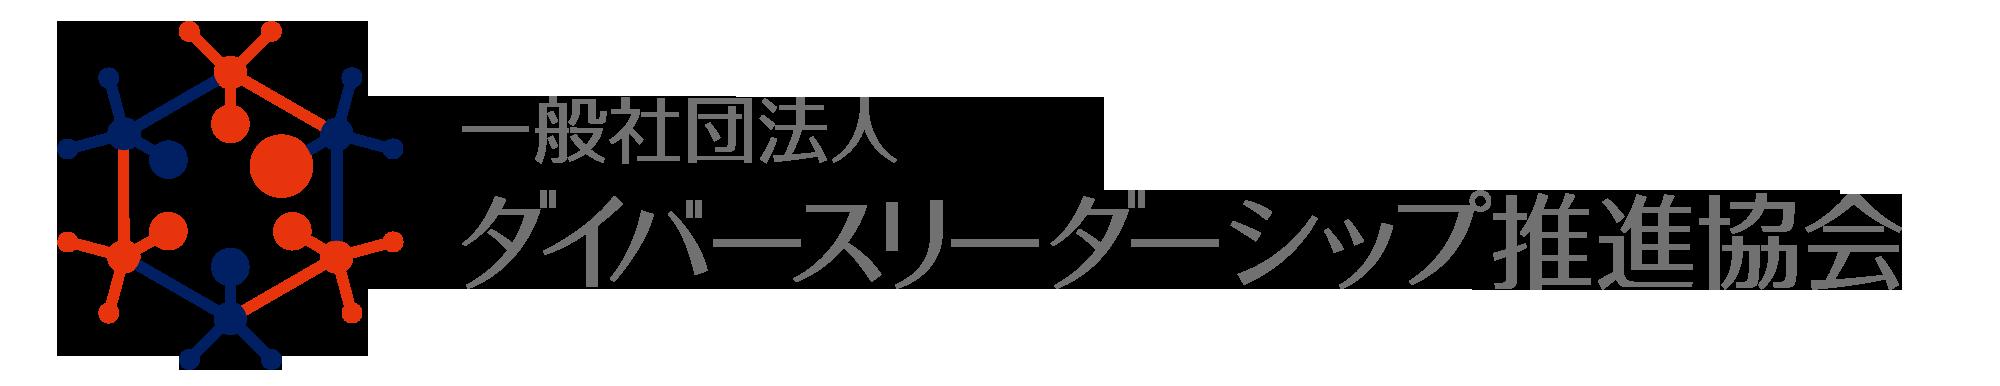 ダイバースリーダーシップ推進協会